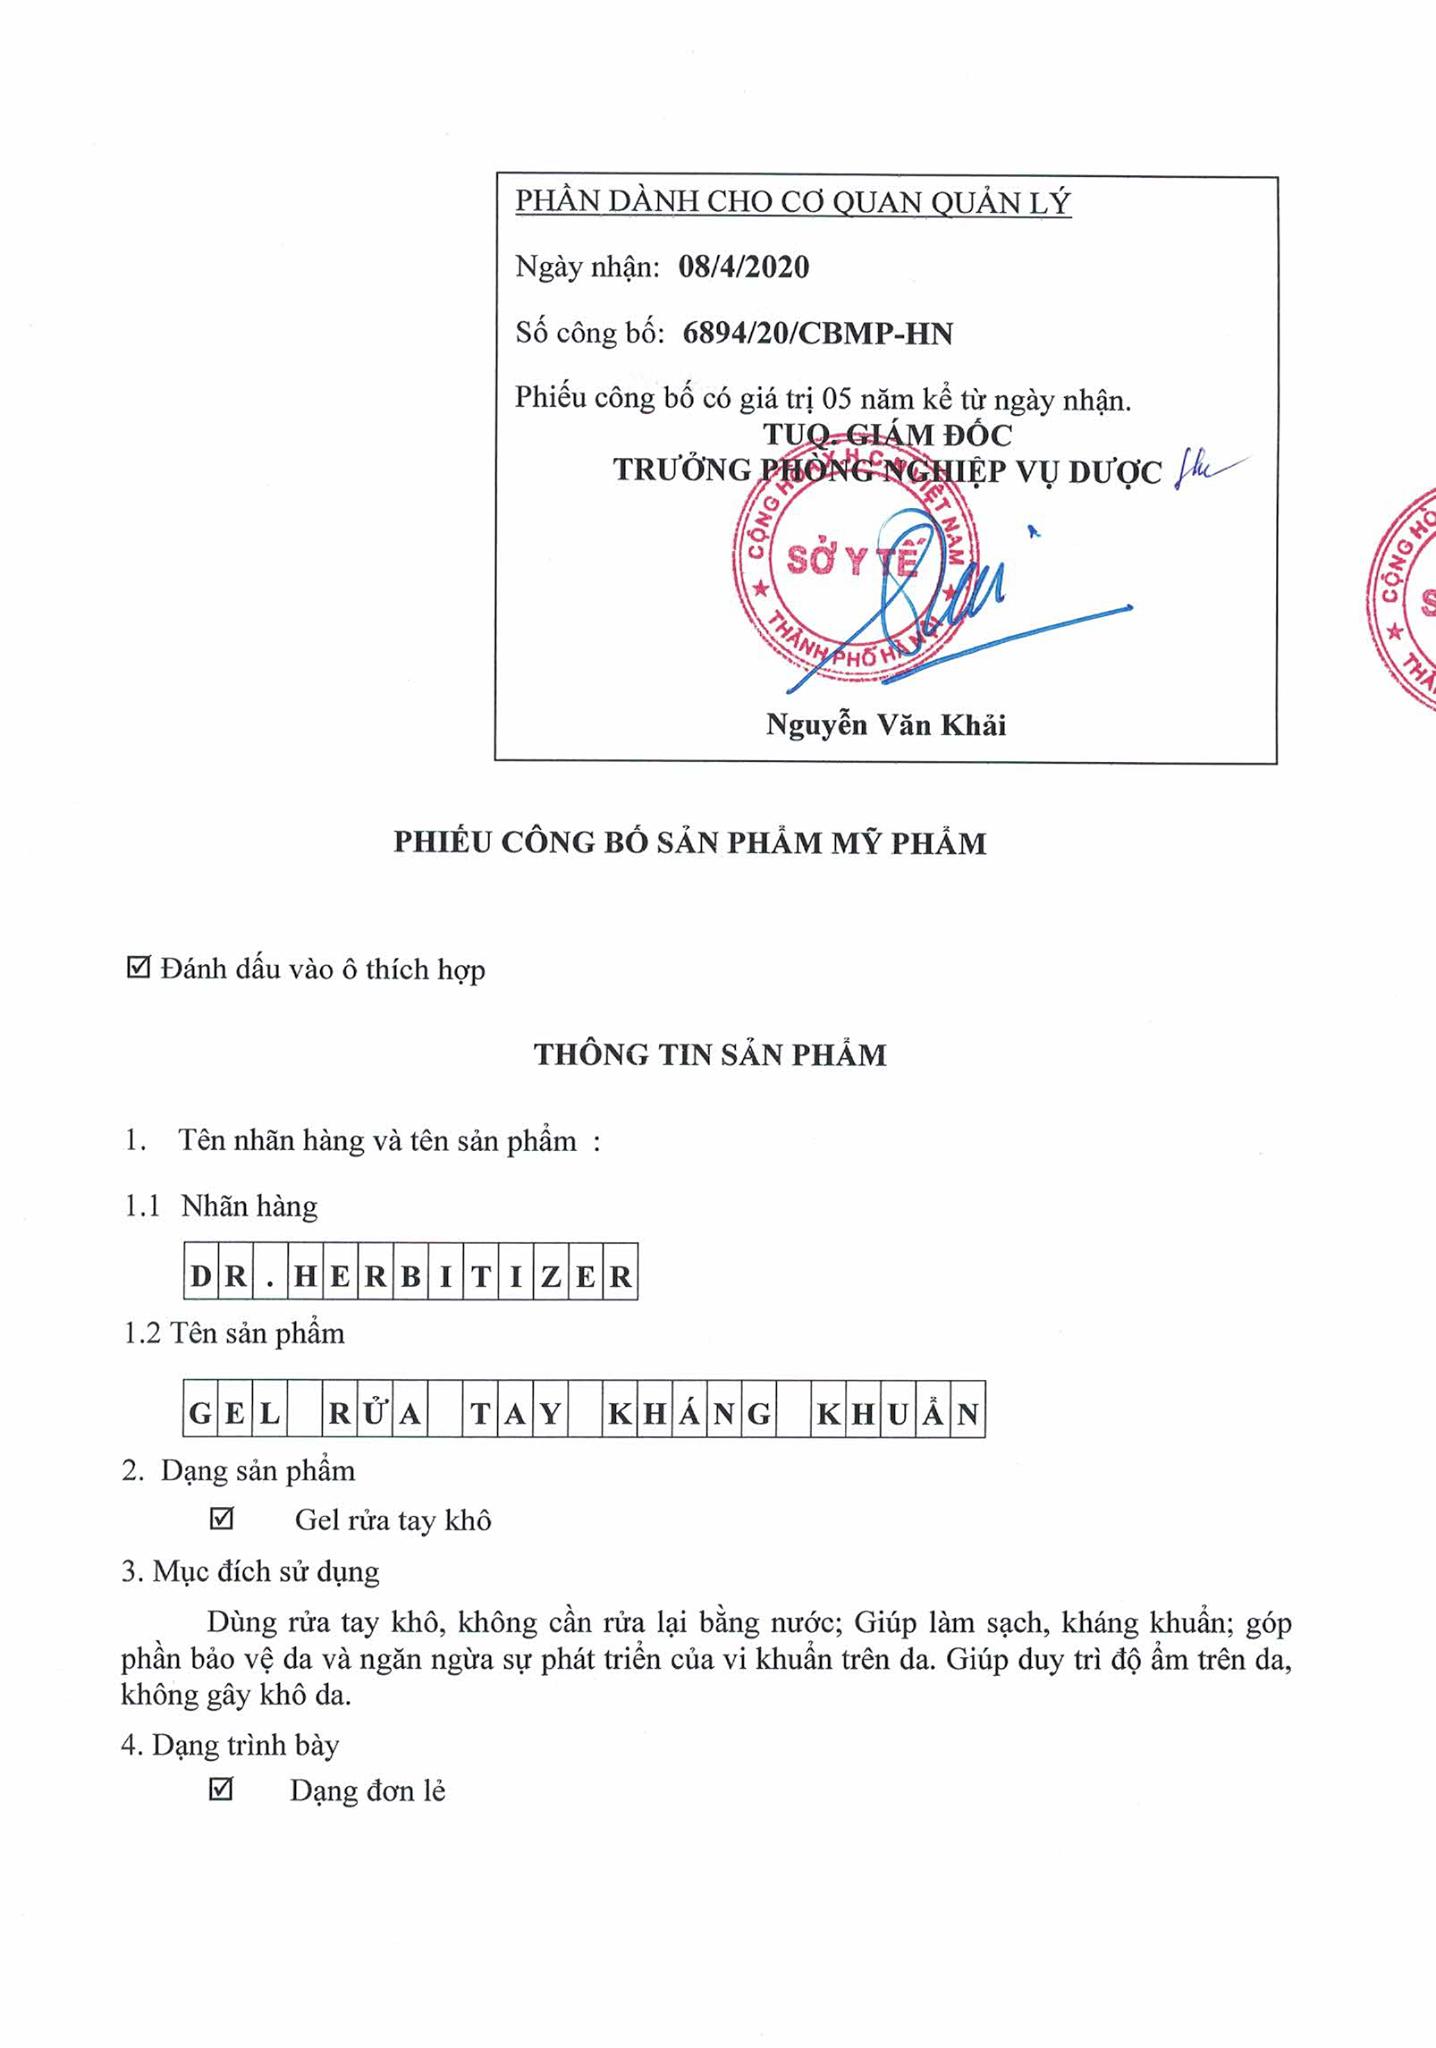 Gel/Dung dịch rửa tay cao cấp kháng khuẩn Dr. Herbitizer 500ml